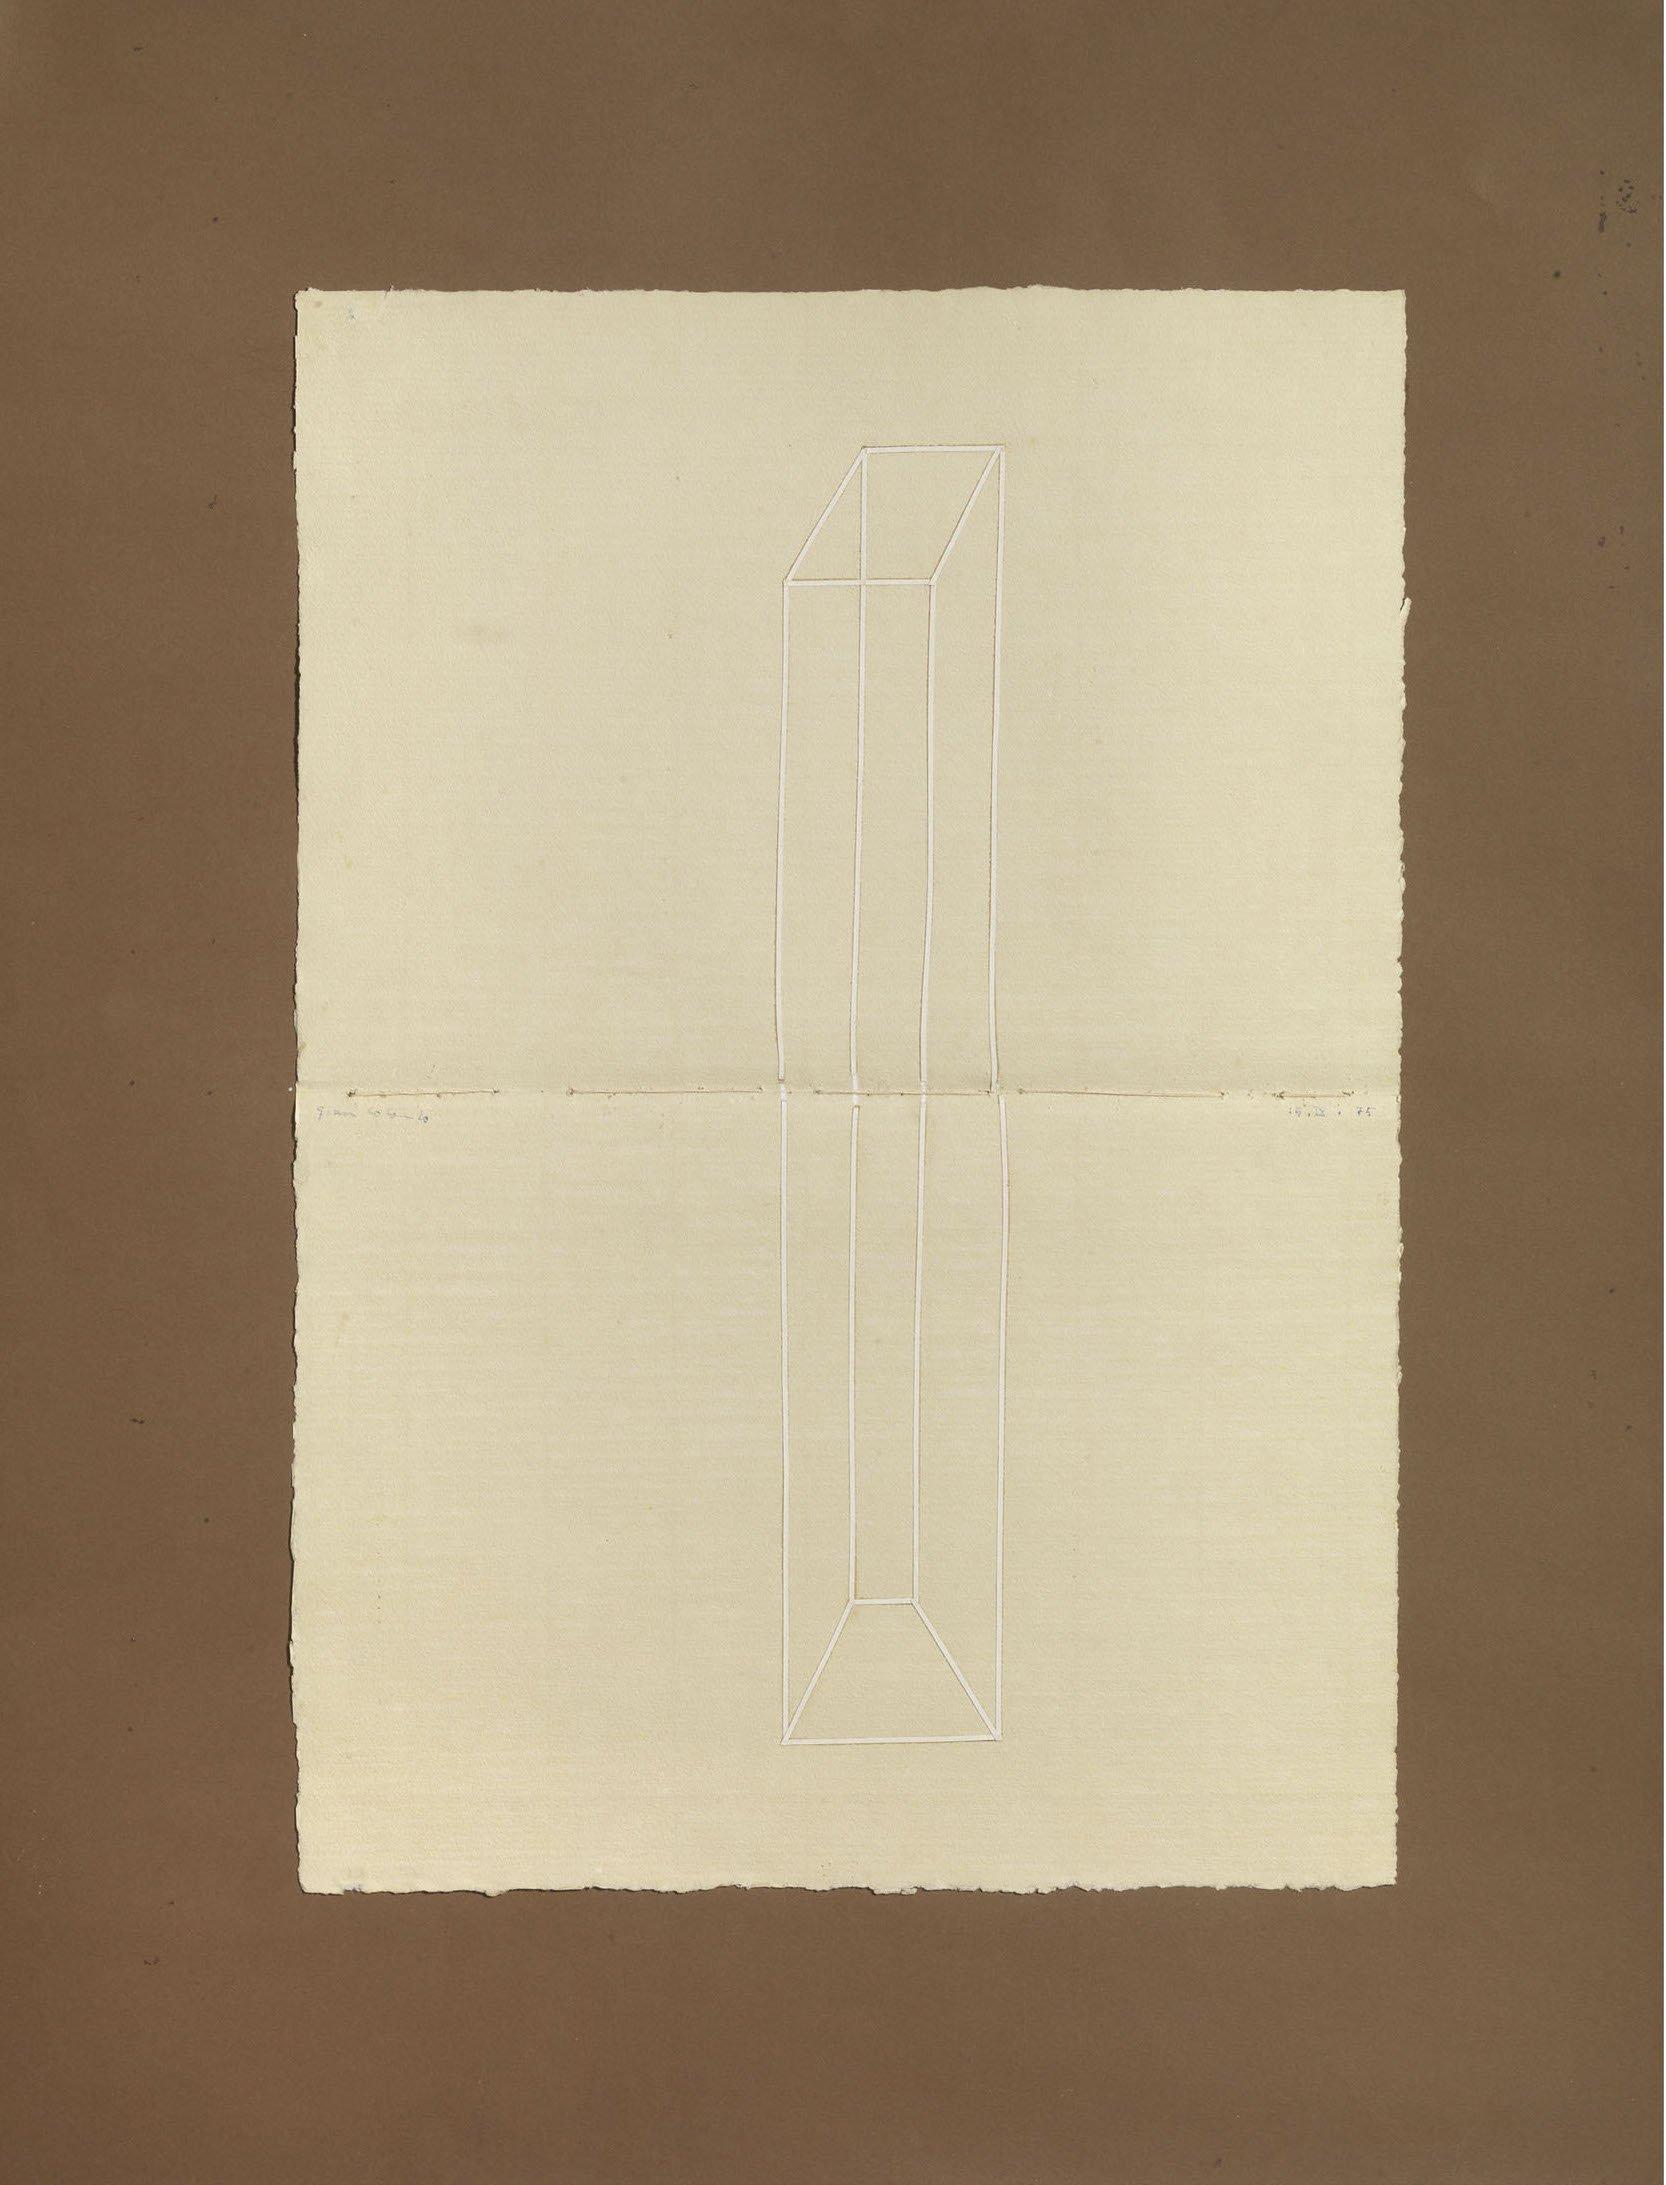 Colombo Gianni, Senza titolo, 1975, tecnica mista e collage su cartone, 67,5x51,6 cm